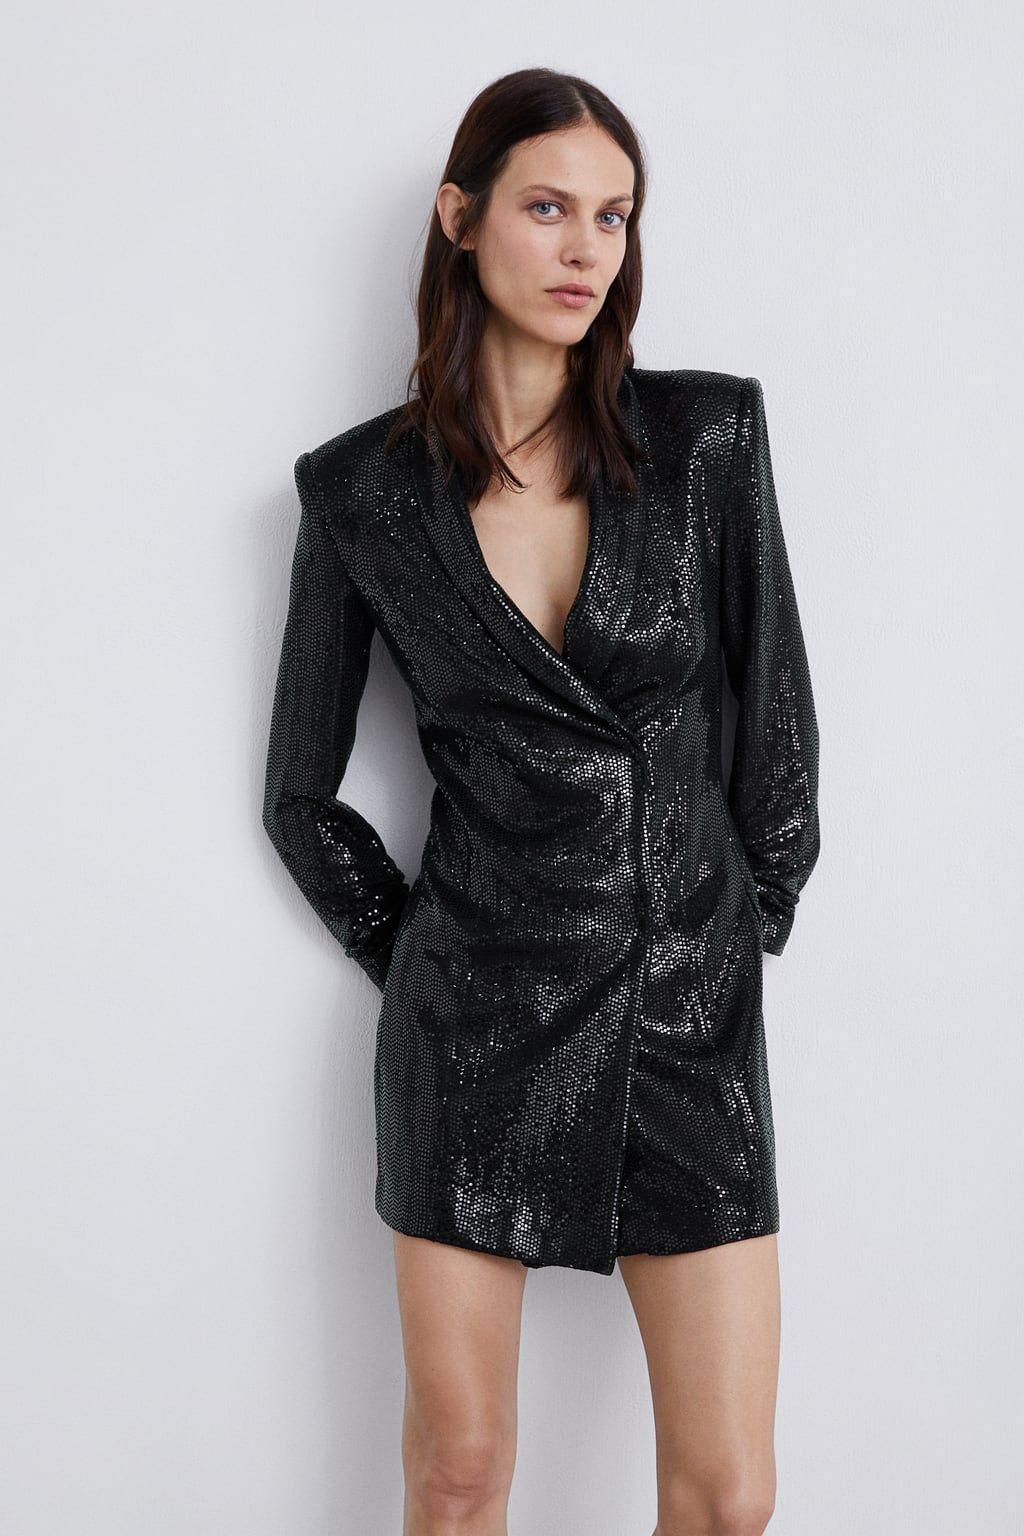 d50557a24194 Shiny blazer dress | Zara A/W Party Looks | Blazer dress, Dresses ...